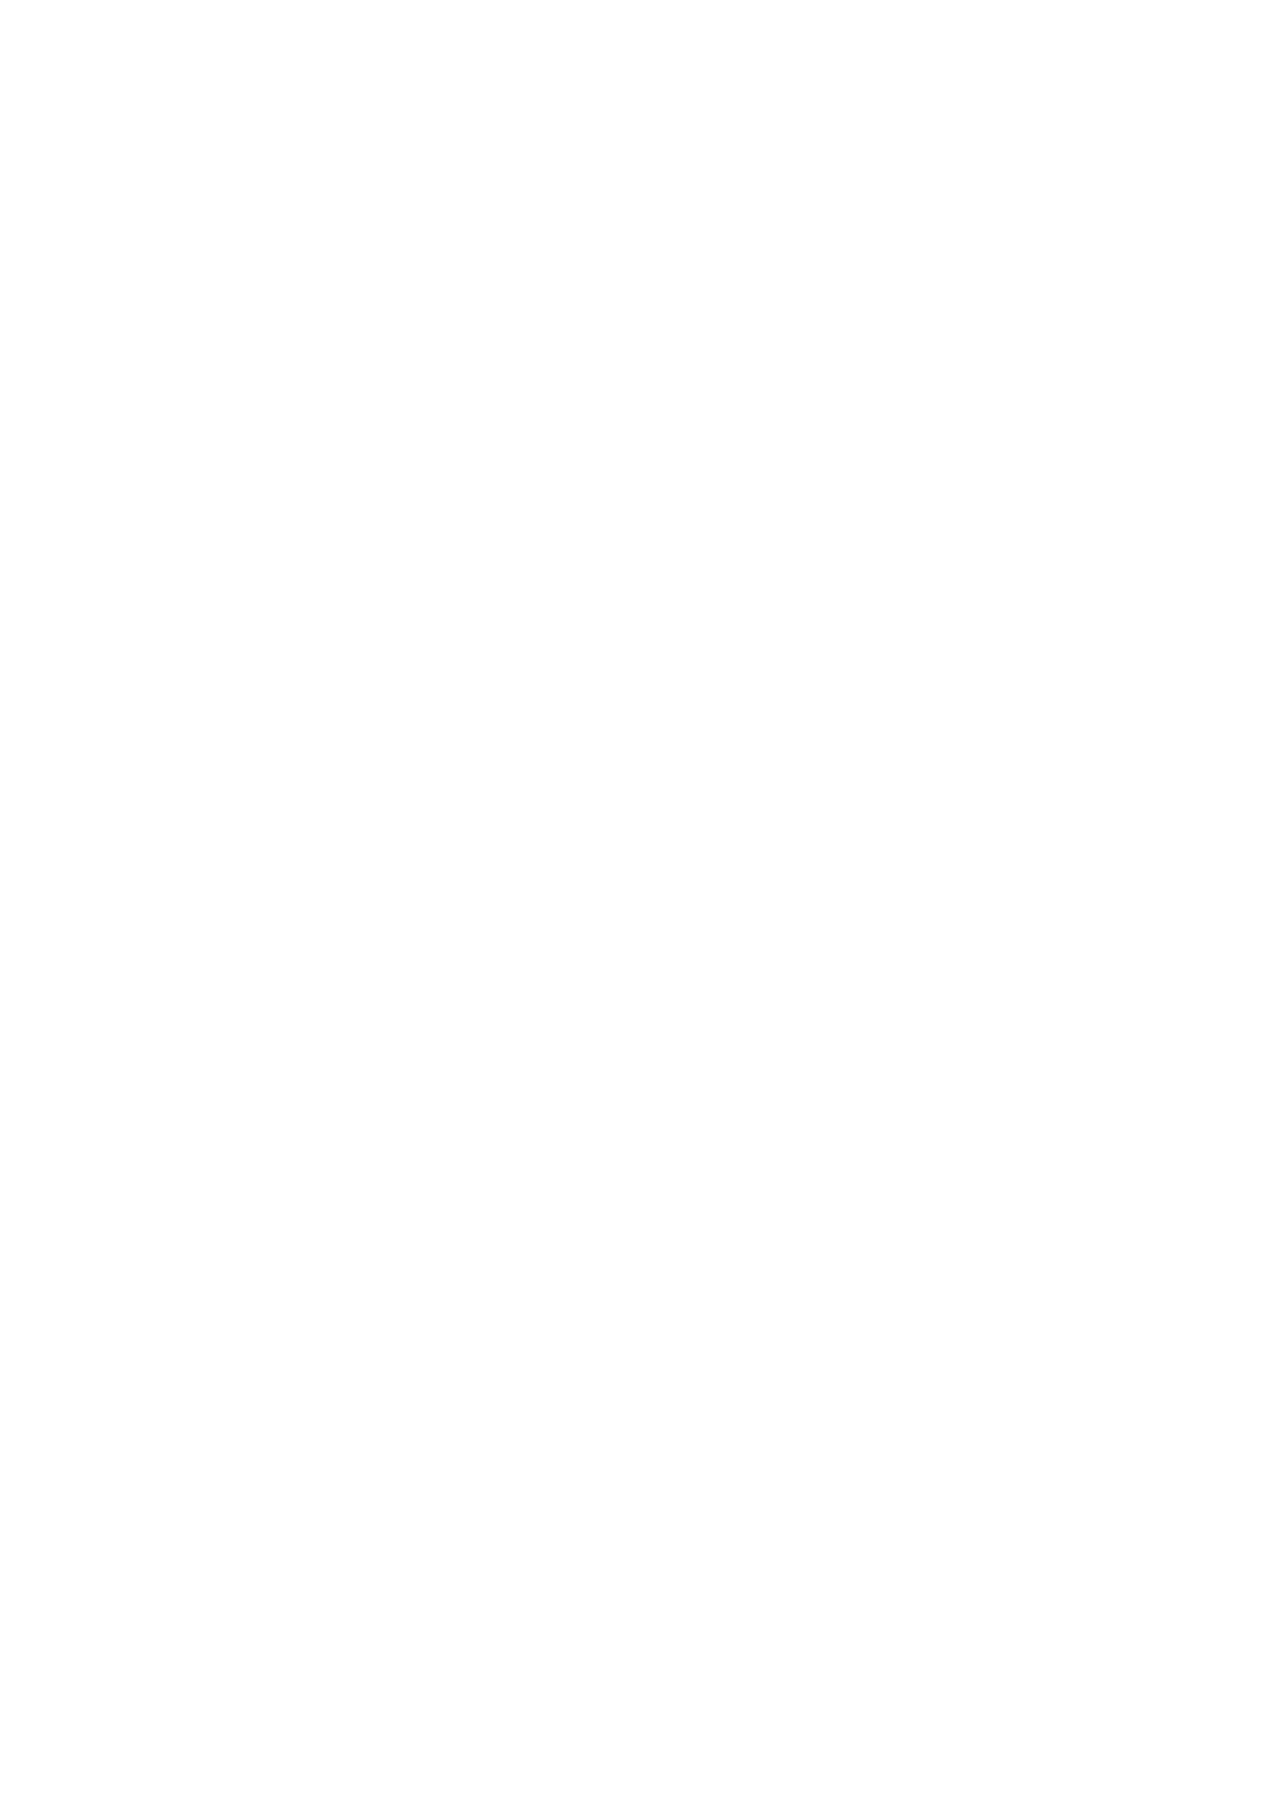 [Hutoshi Nyuugyou (Hutoshi)] Alicia-mama to Himitsu no Seikatsu | Alicia-mama's Hidden Life (Granblue Fantasy) [Digital] [English] [Darg777] 1